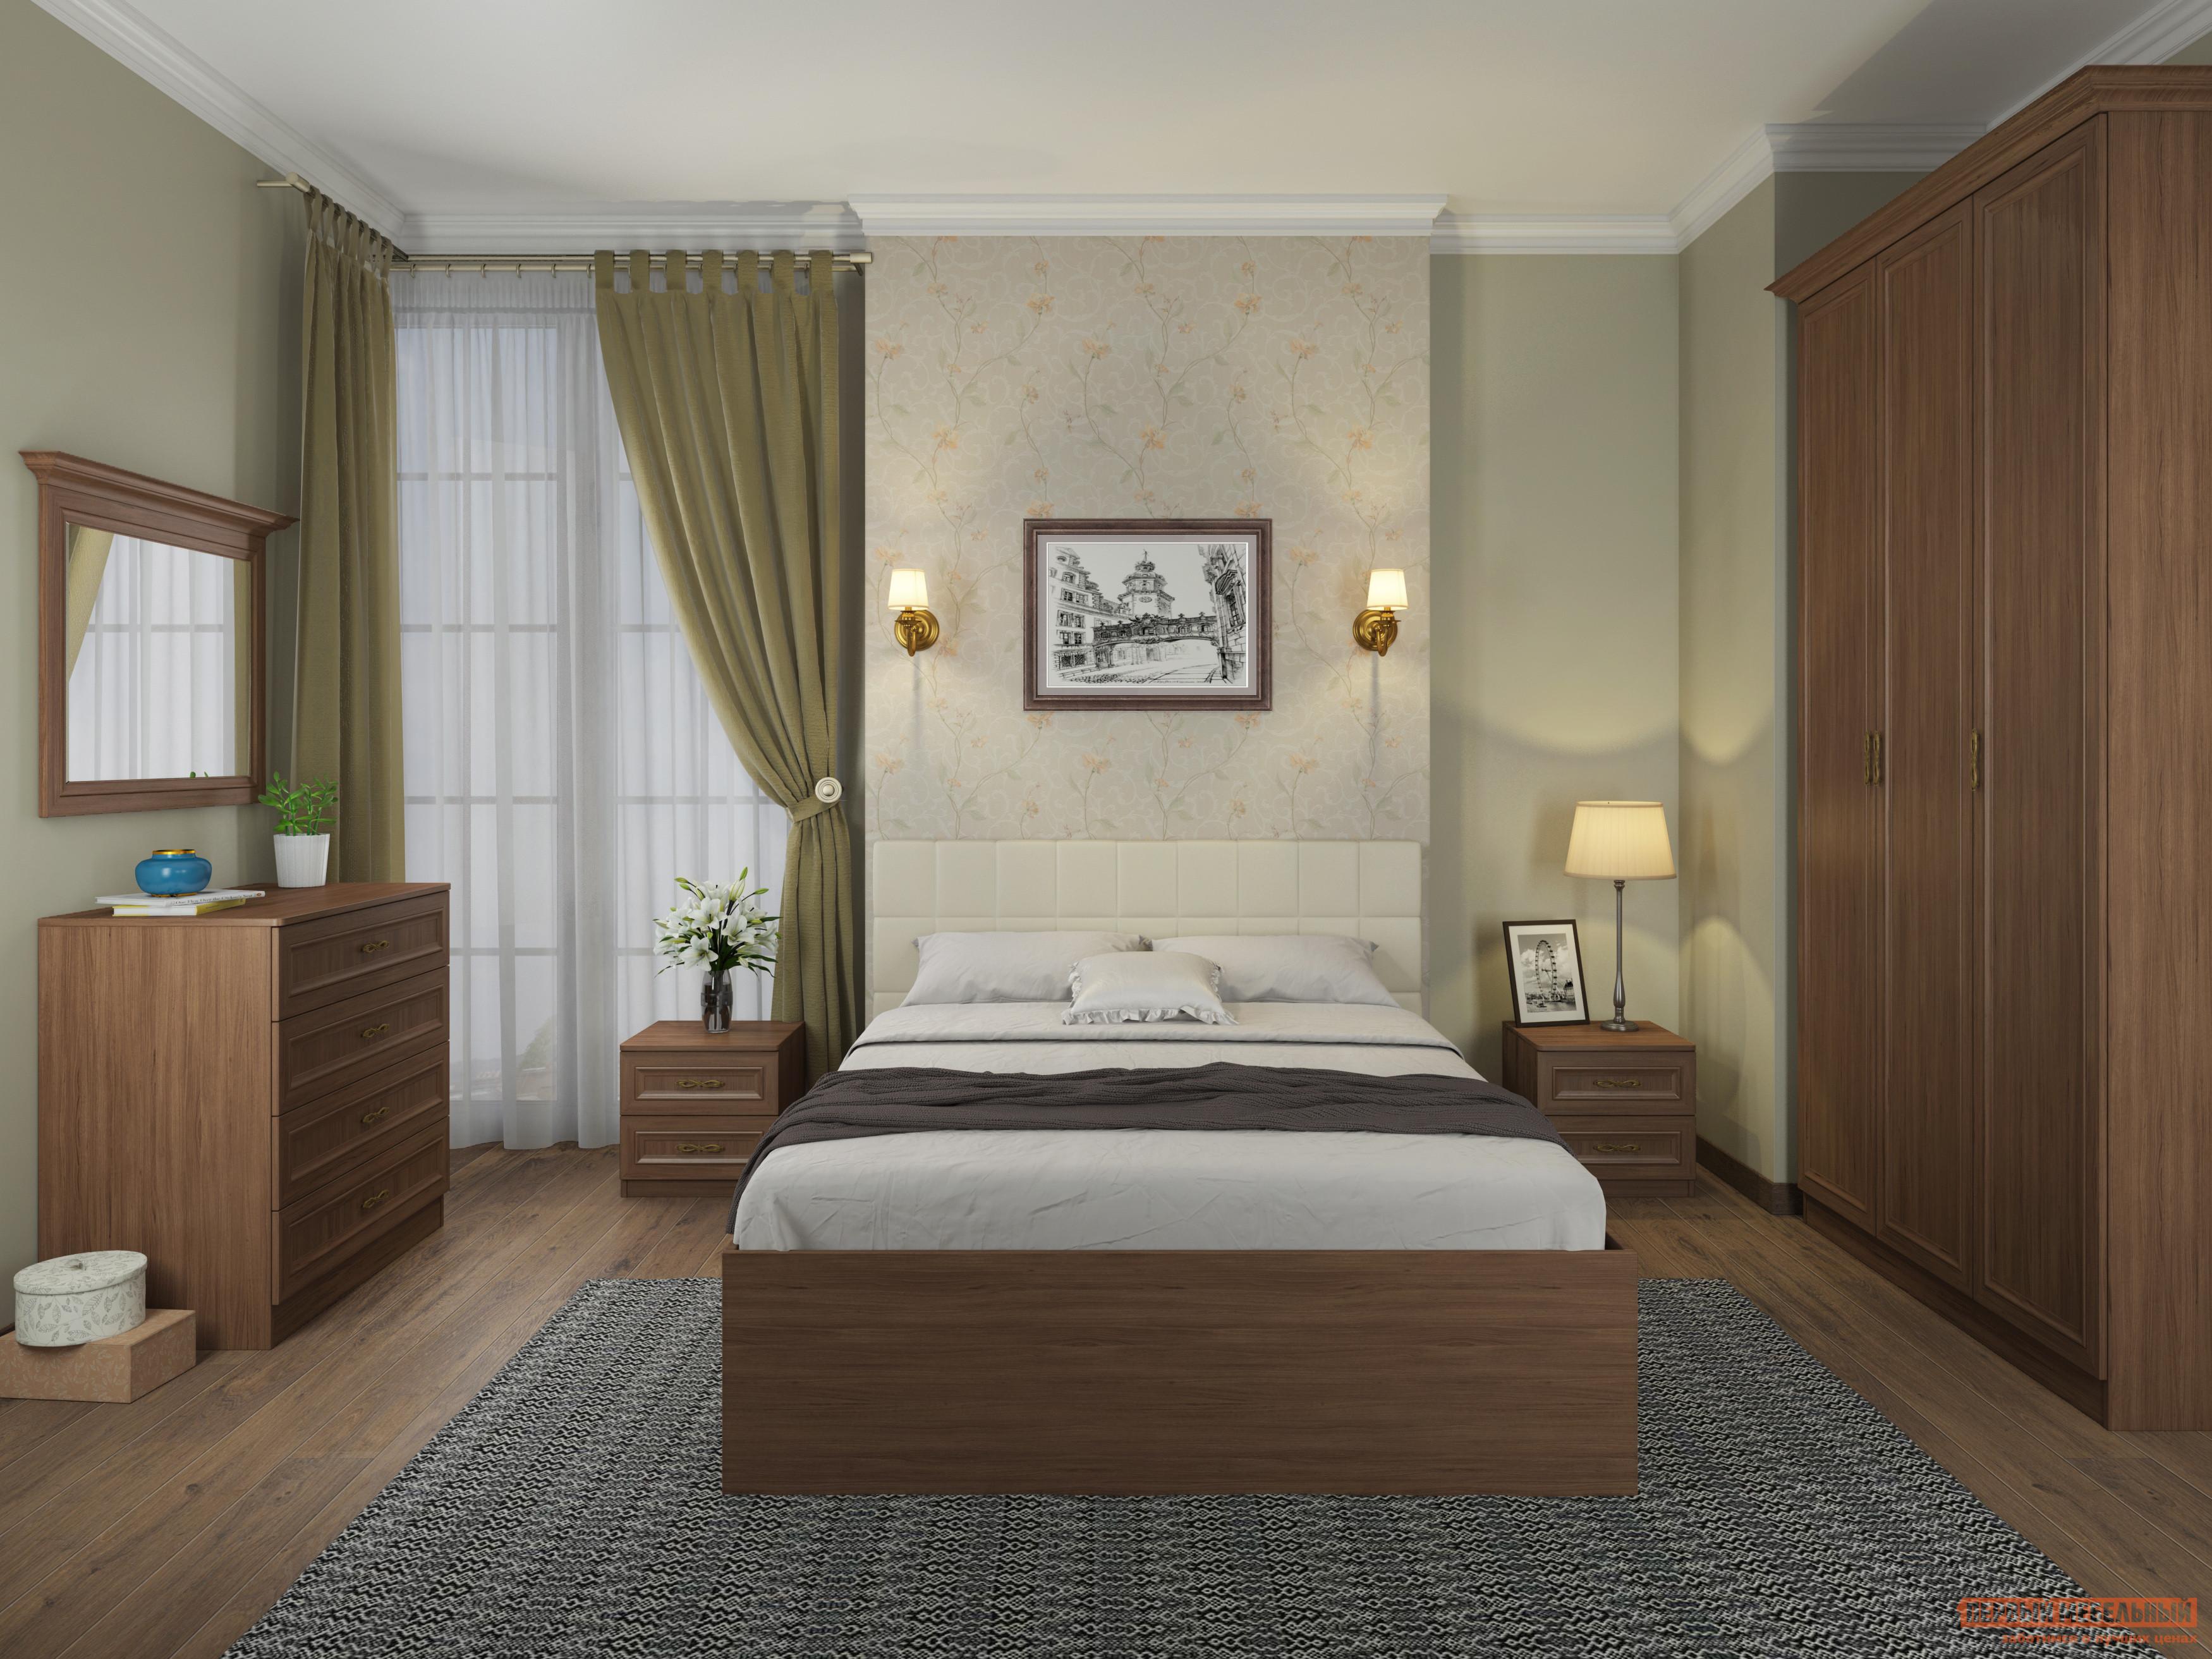 Спальный гарнитур Боровичи Классика СК2 спальный гарнитур мебельсон виктория 2 к1